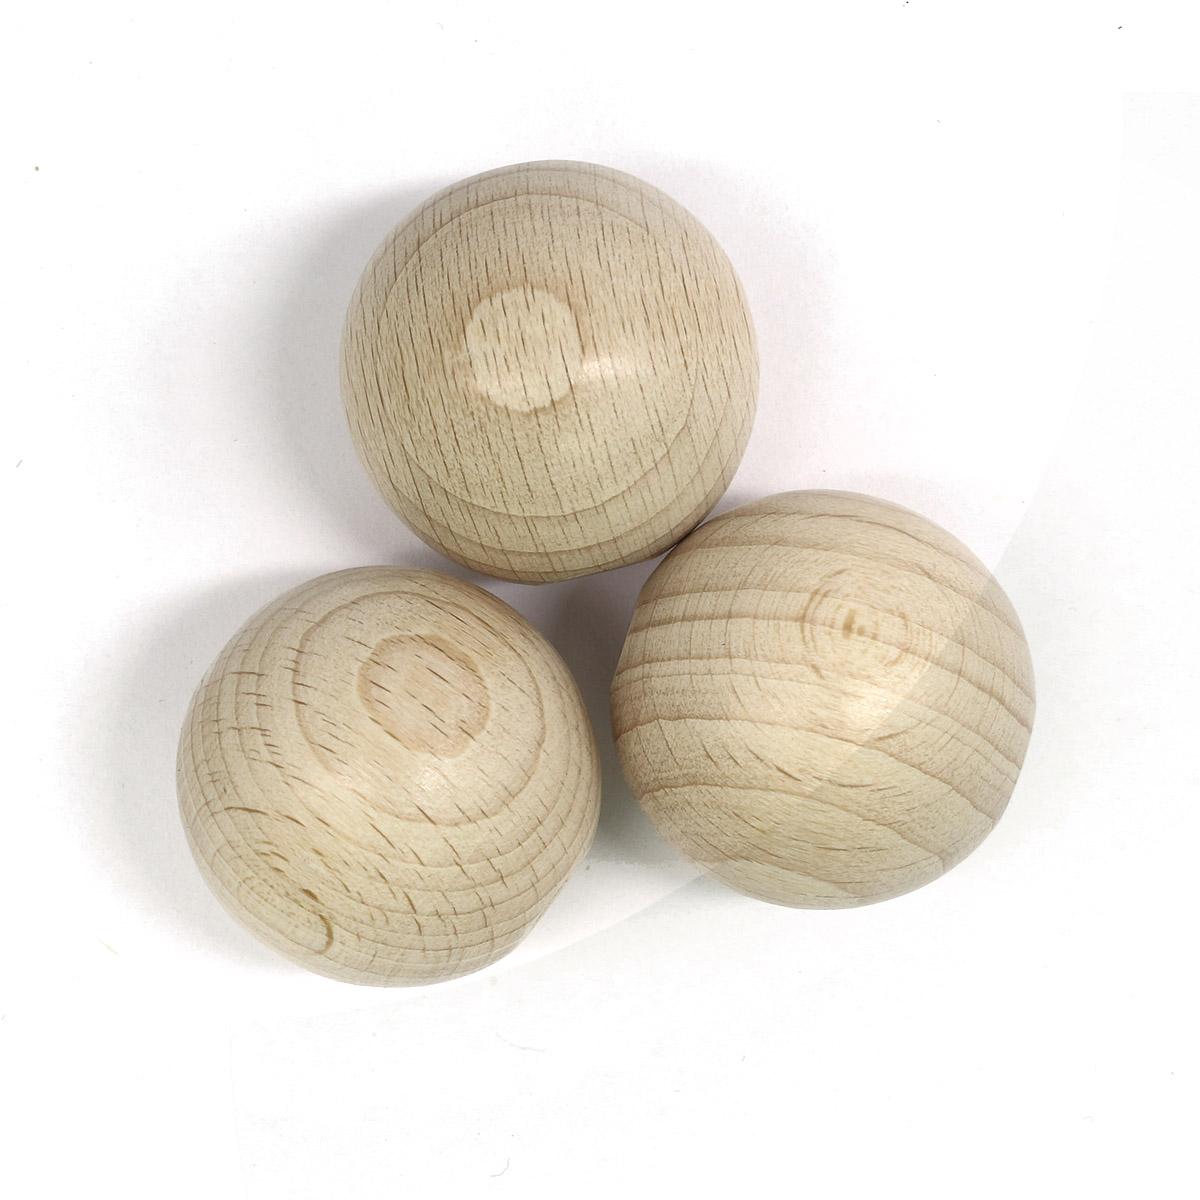 61657030 Деревянные шарики SGS-COC-003077 FSC-100%, 30 мм, упак./6 шт., Glorex